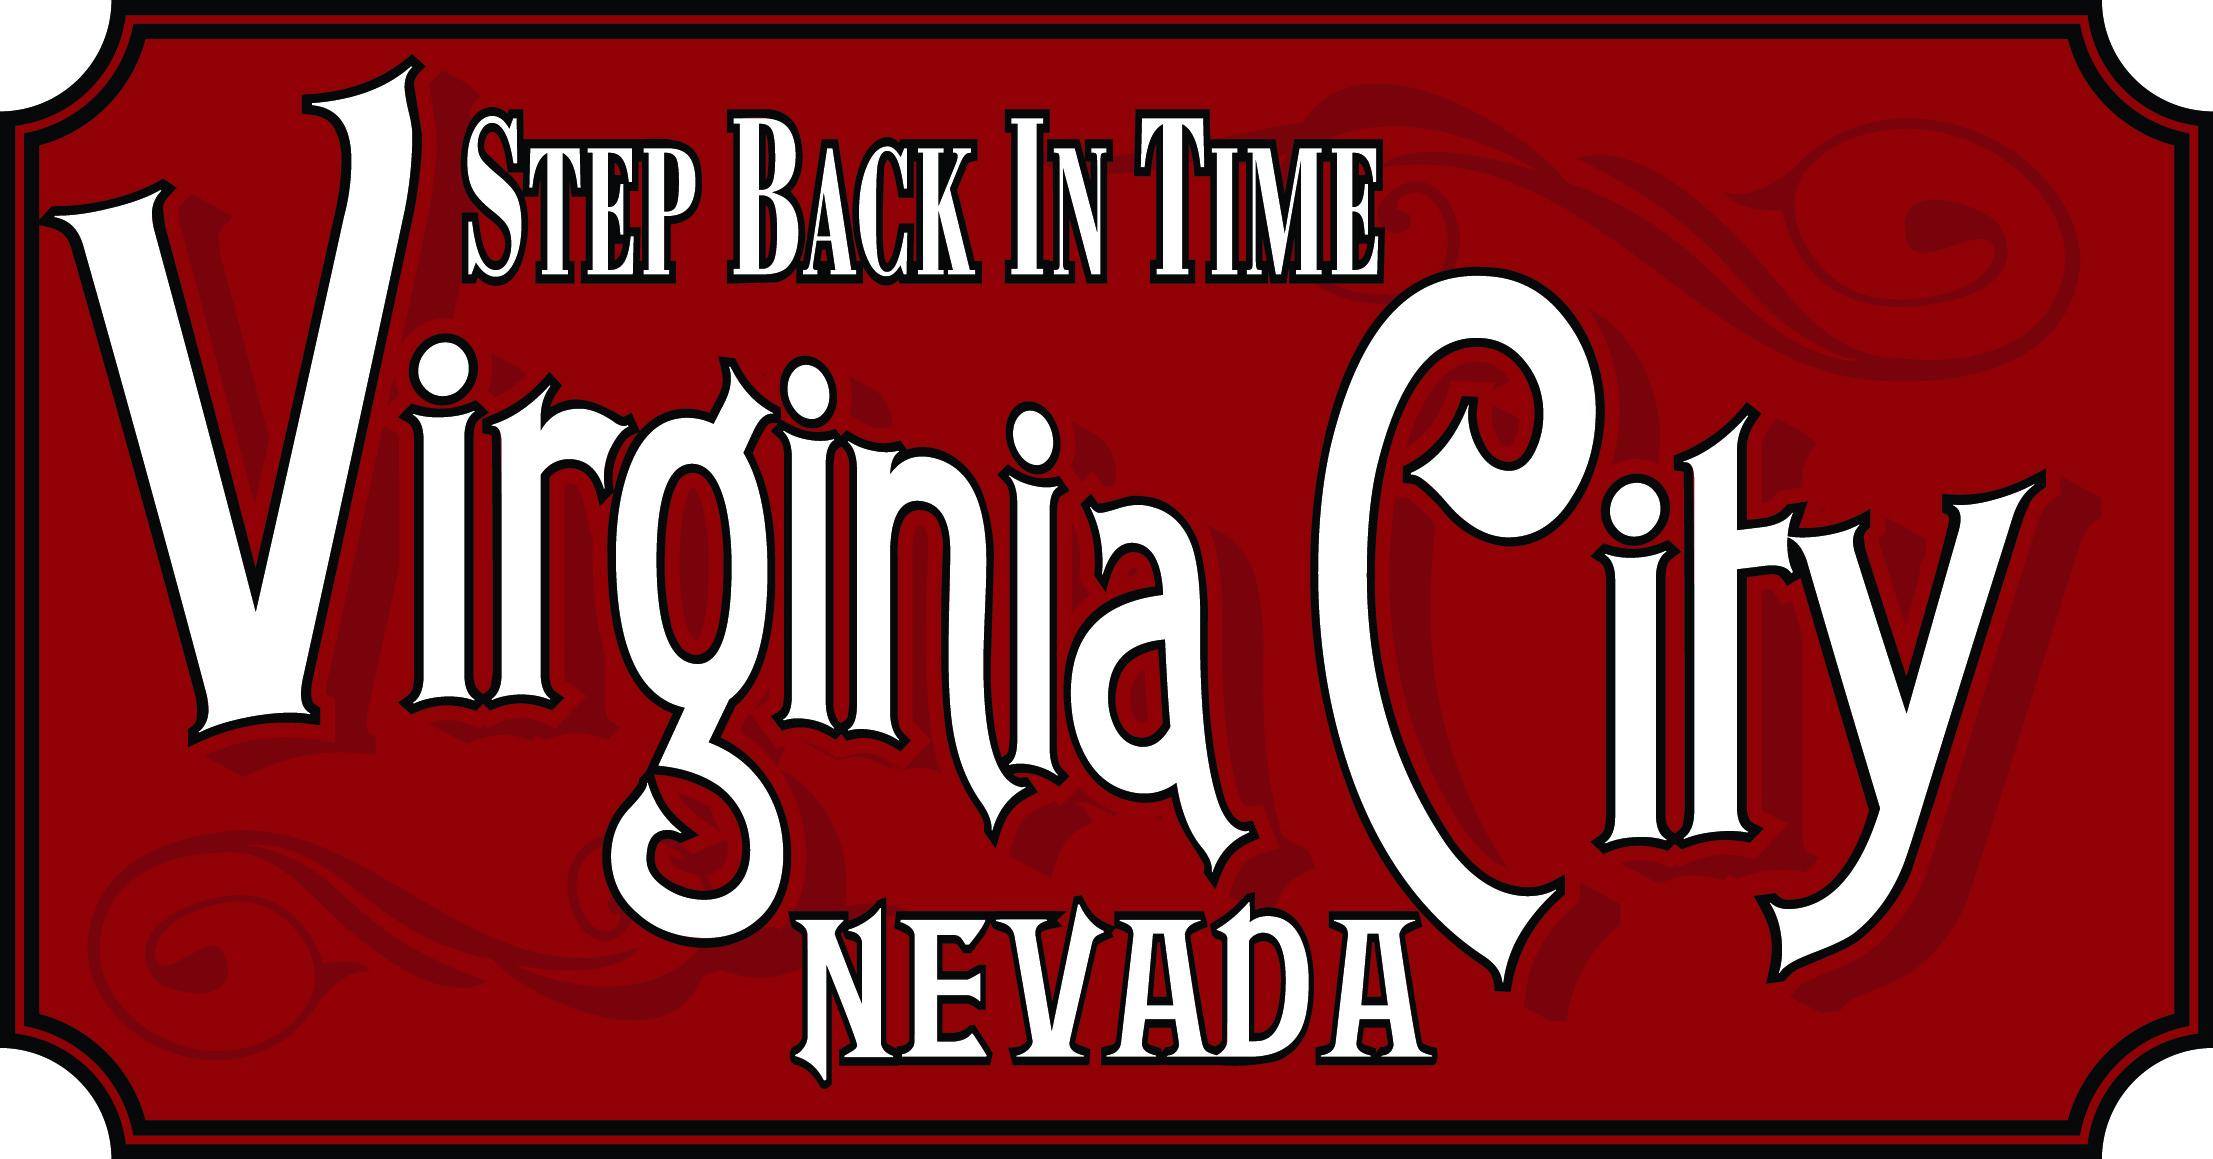 Virginia City Logo.jpg